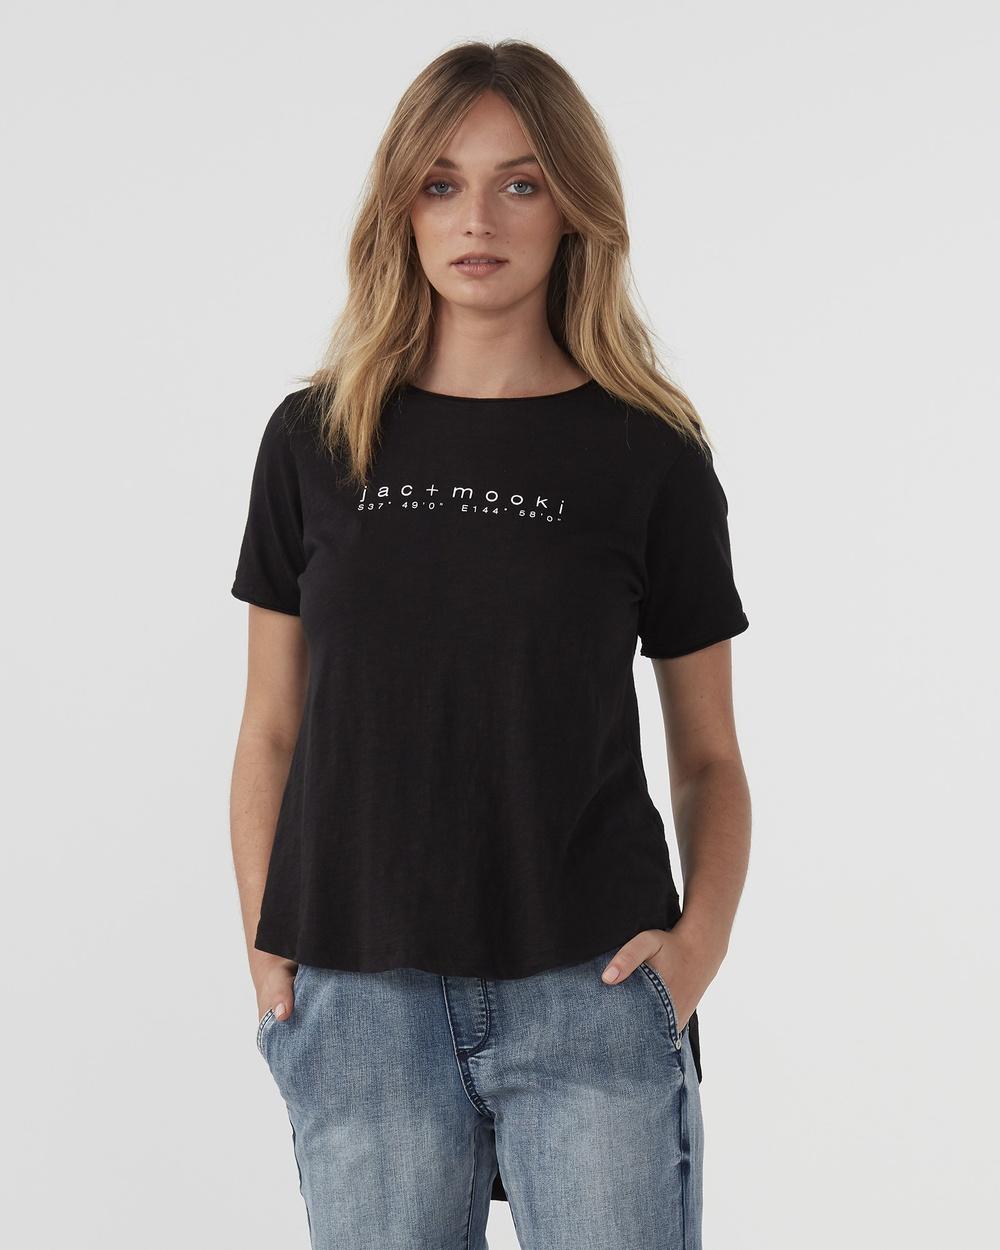 Jac & Mooki Kendall Tee T-Shirts Singlets black T-Shirts Australia